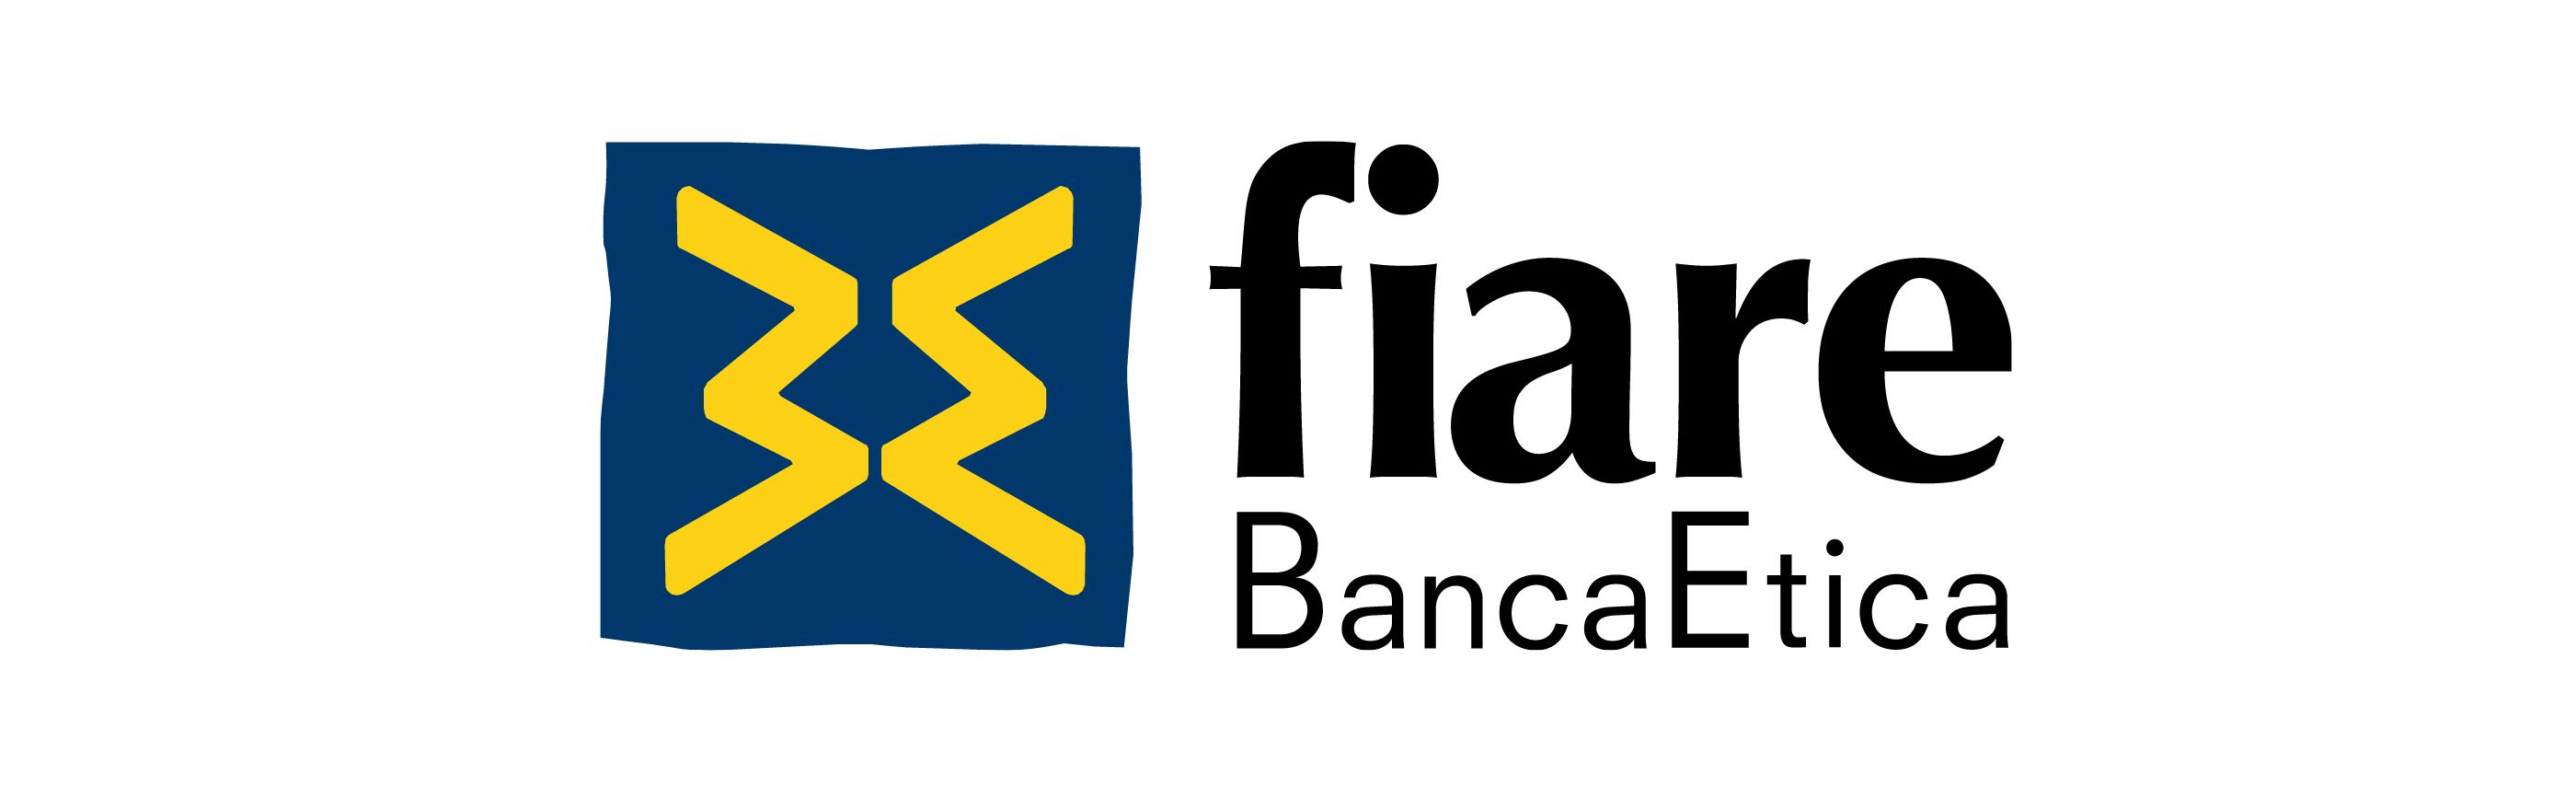 Mujeres & Compañía, un proyecto interesante de Fiare Banca Ética